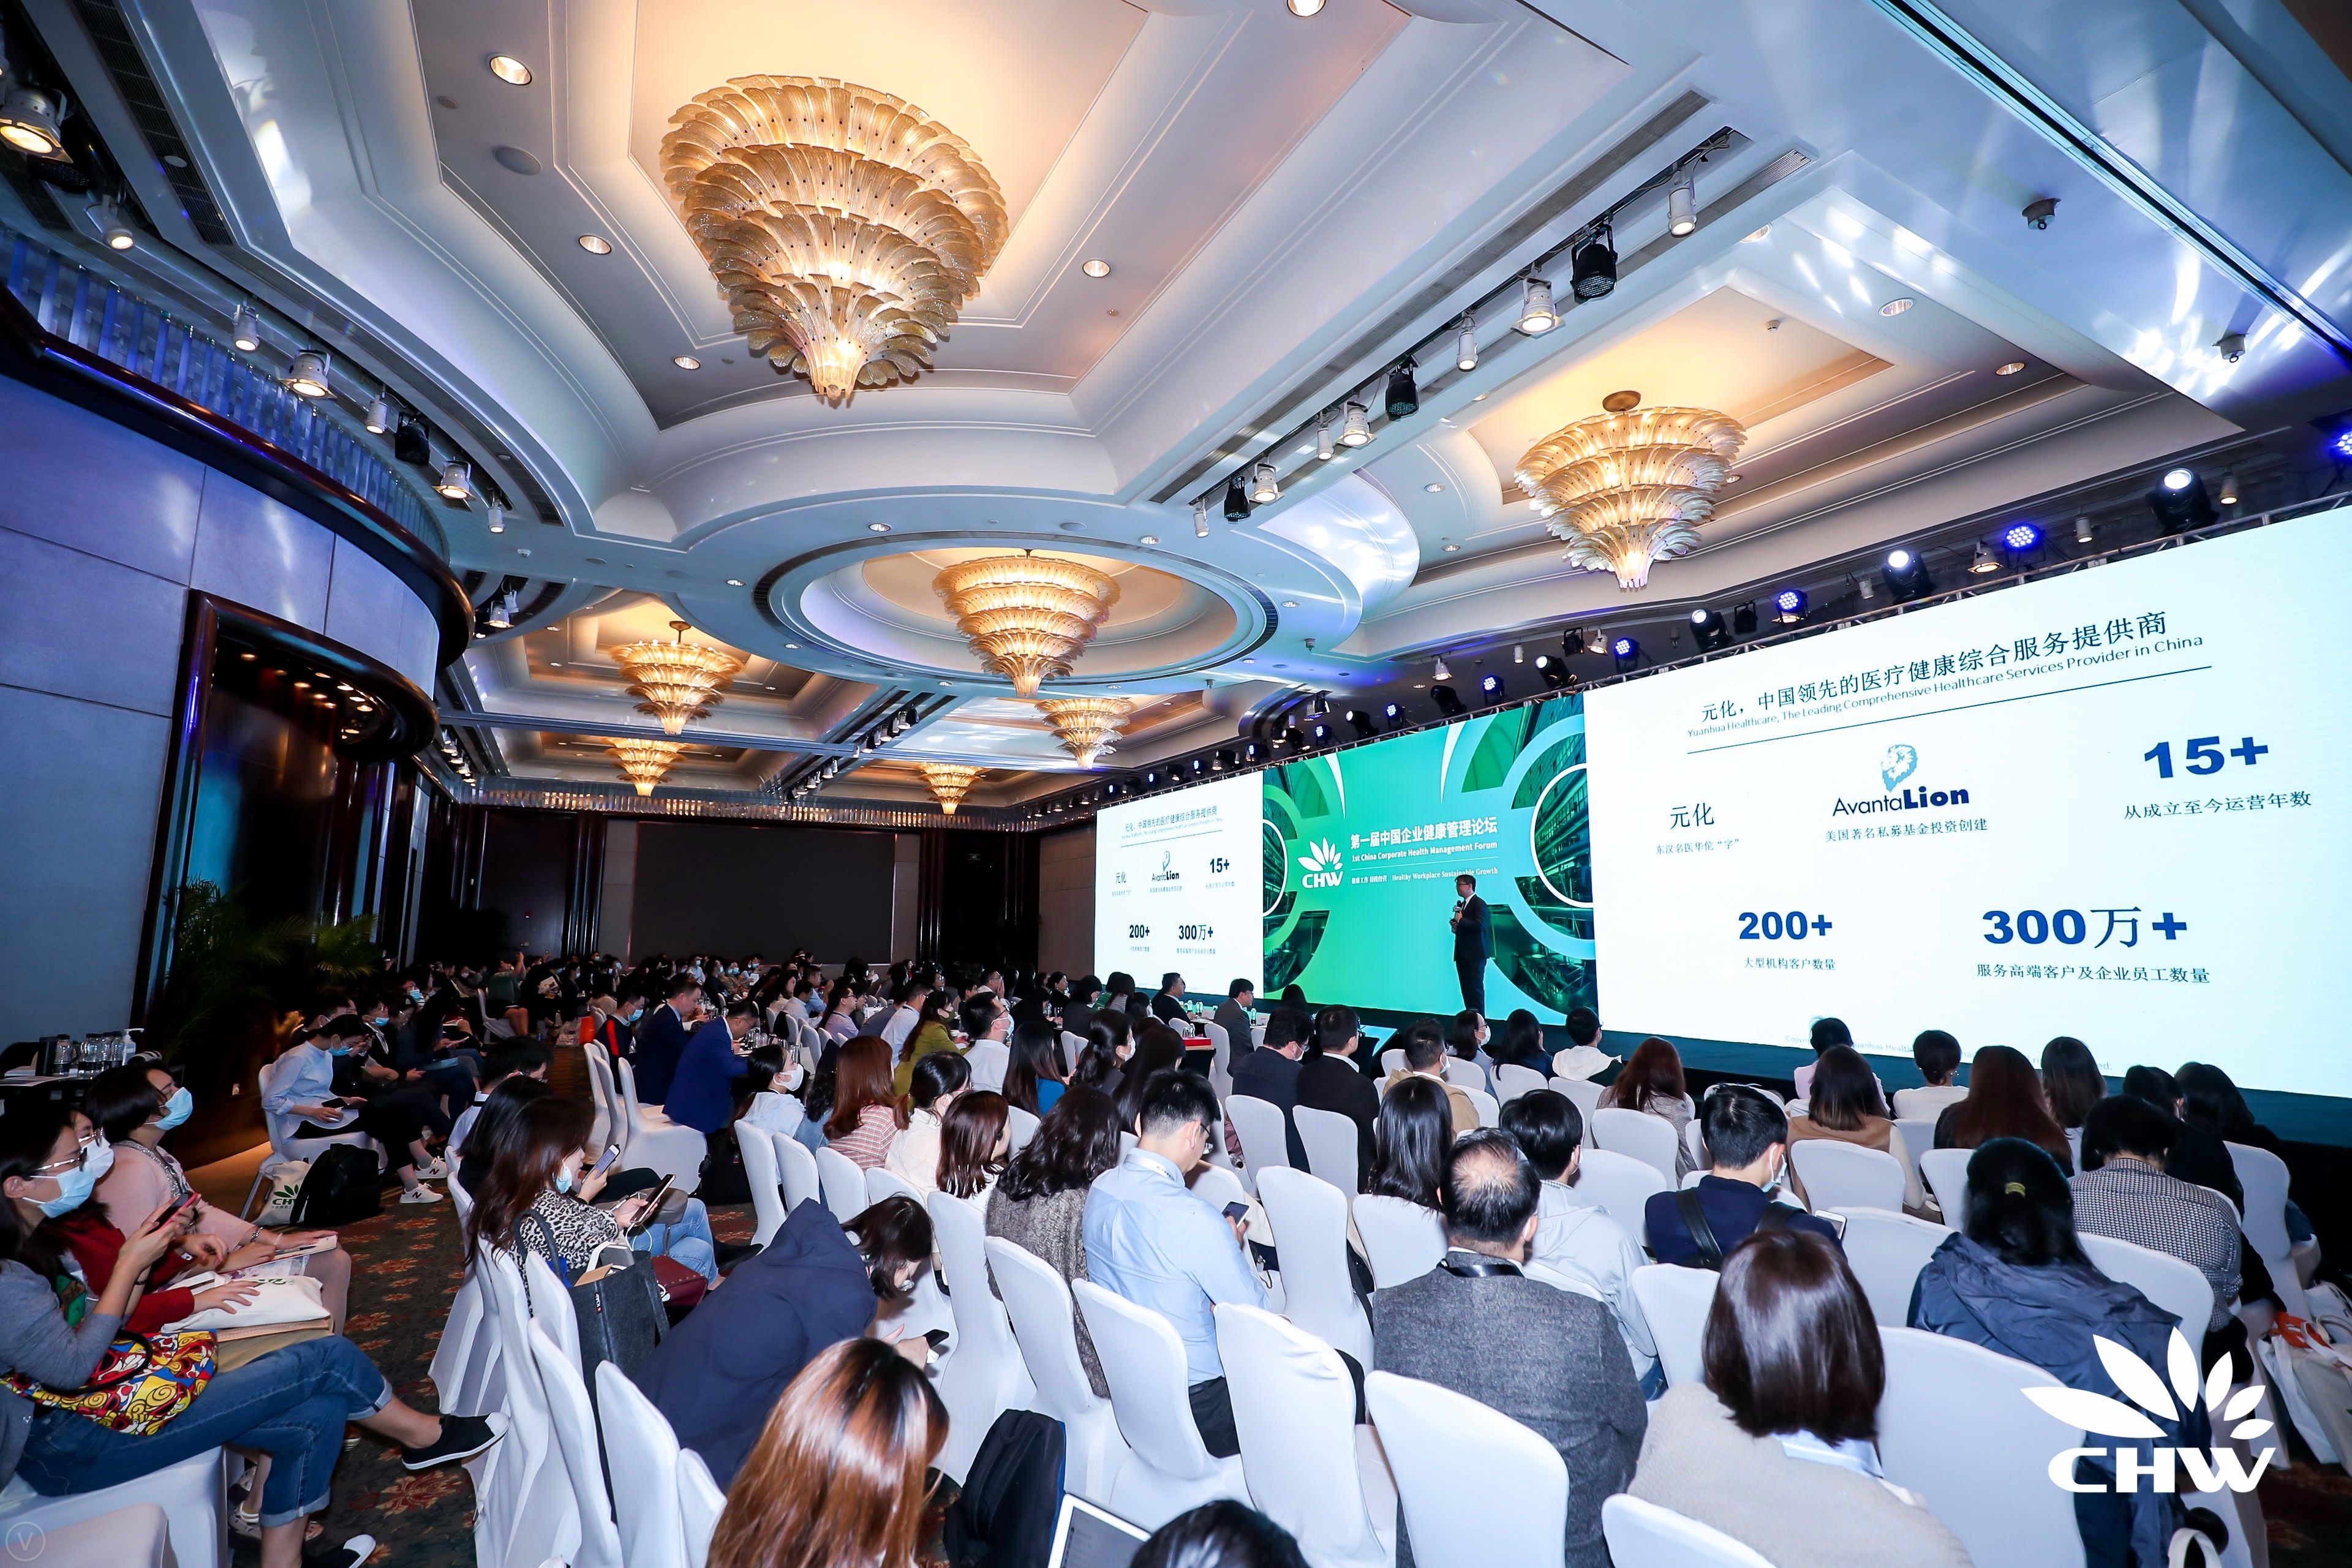 菁晨受邀出席第一届中国企业健康管理论坛